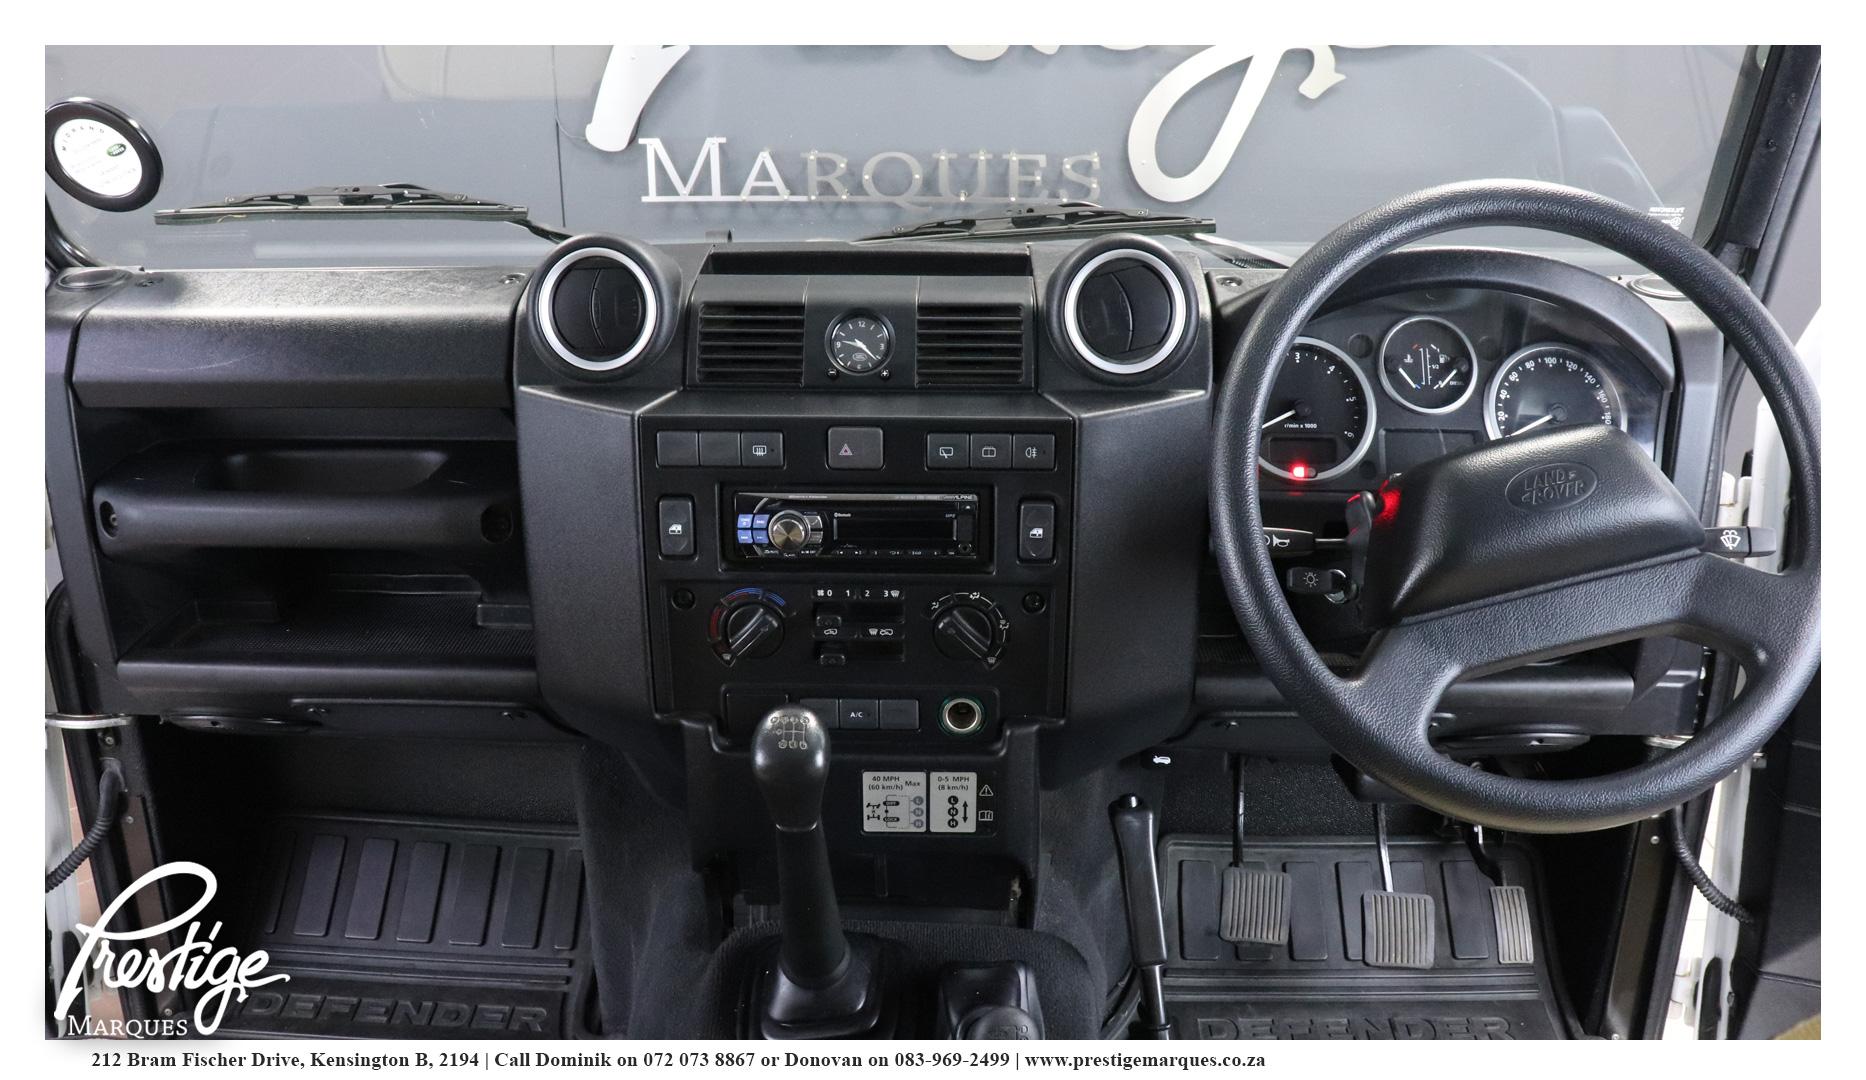 Land-Rover-Defender-110-2.5D-Prestige-Marques-12